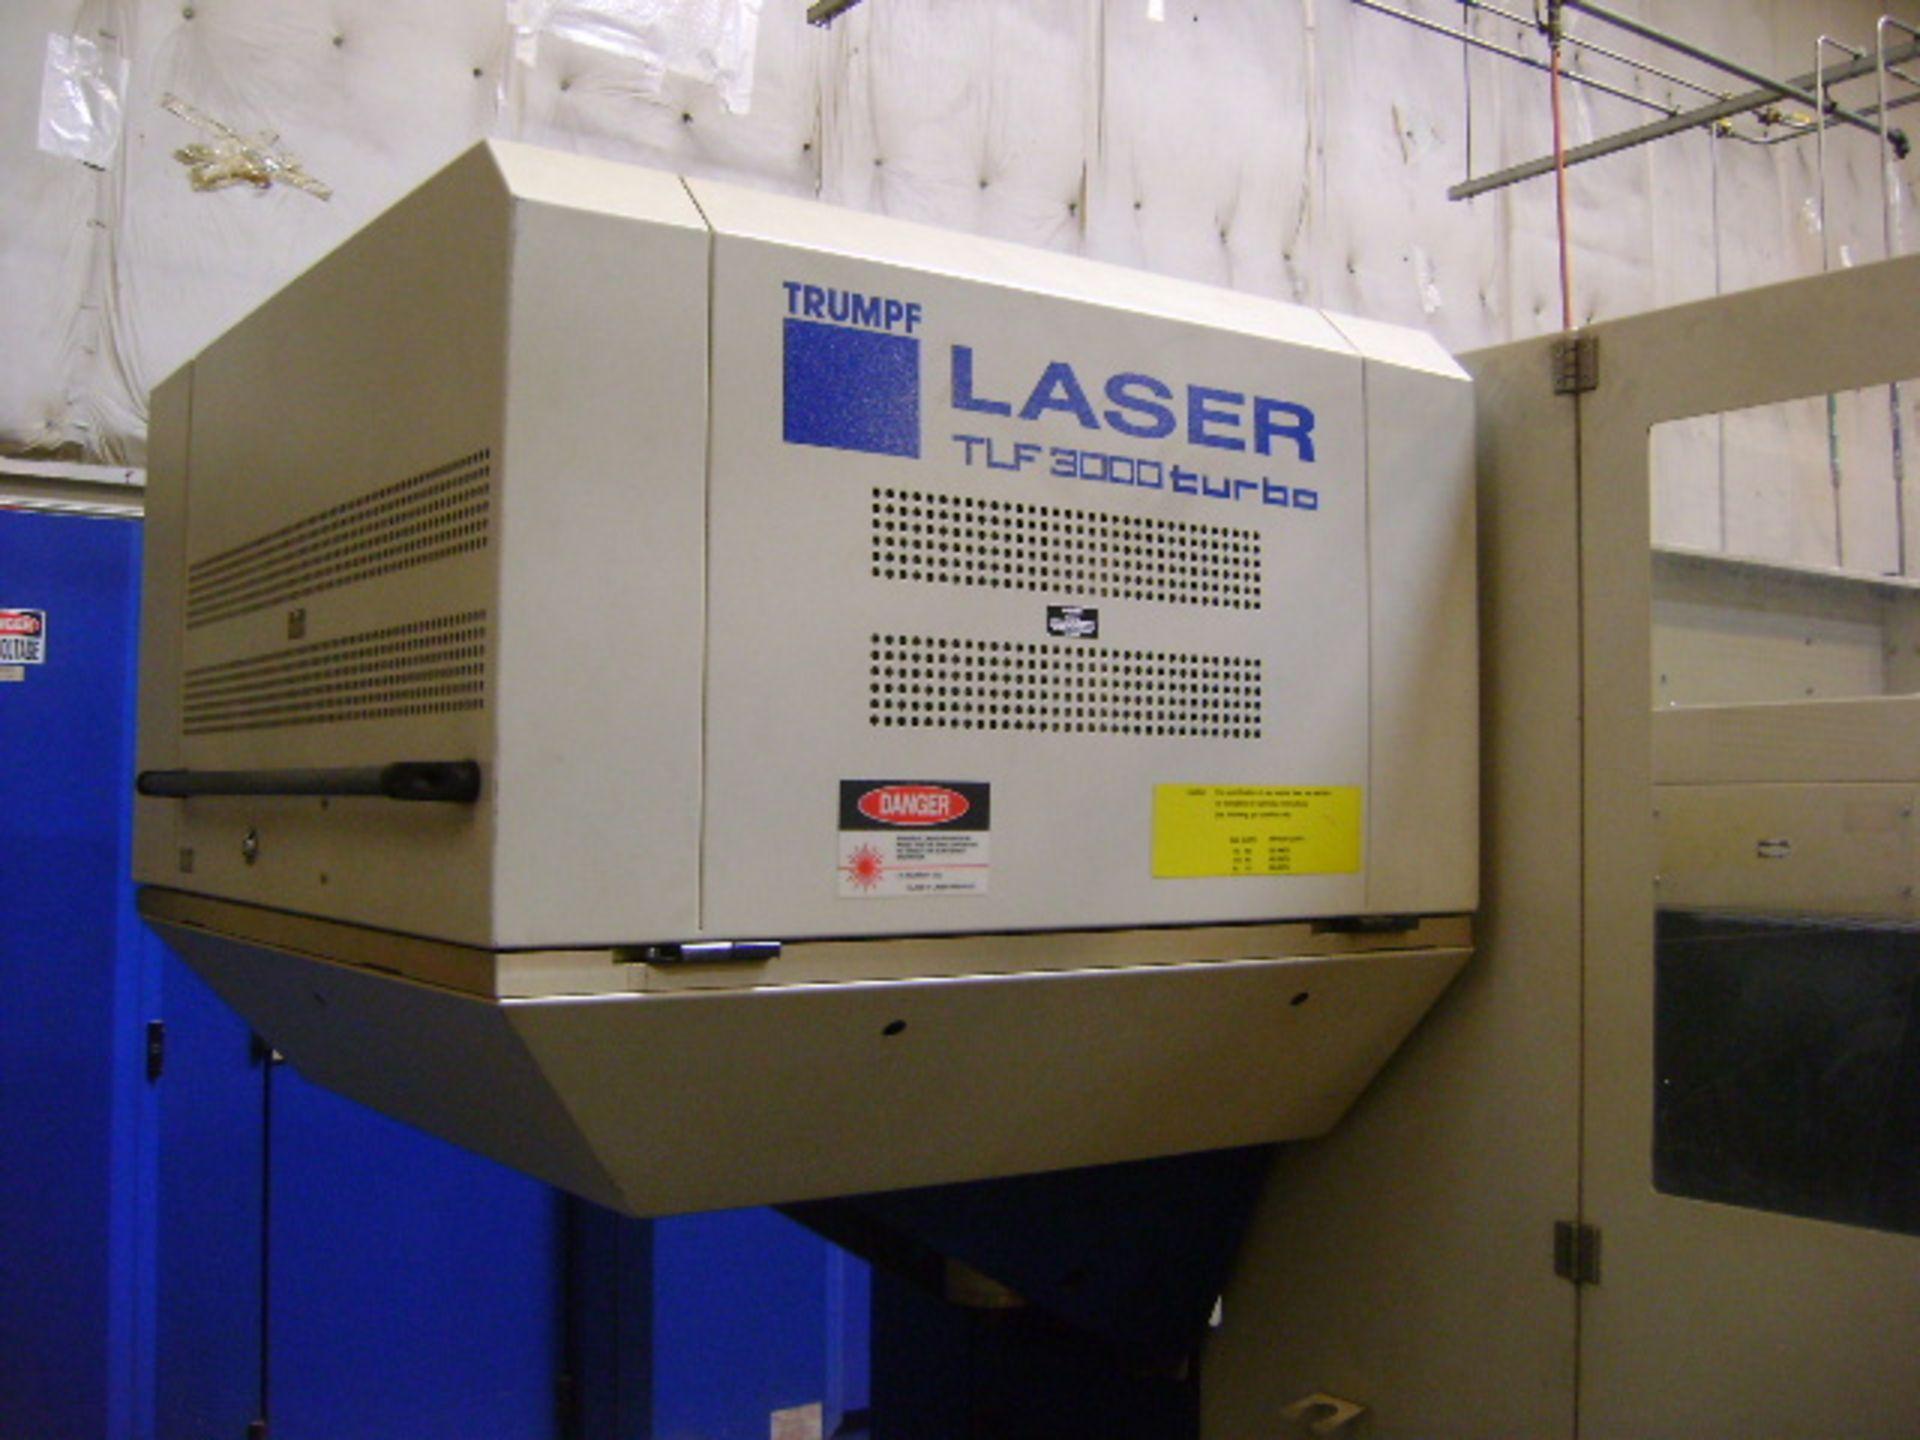 Trumpf Trumatic L3030 CNC Laser - Image 4 of 6